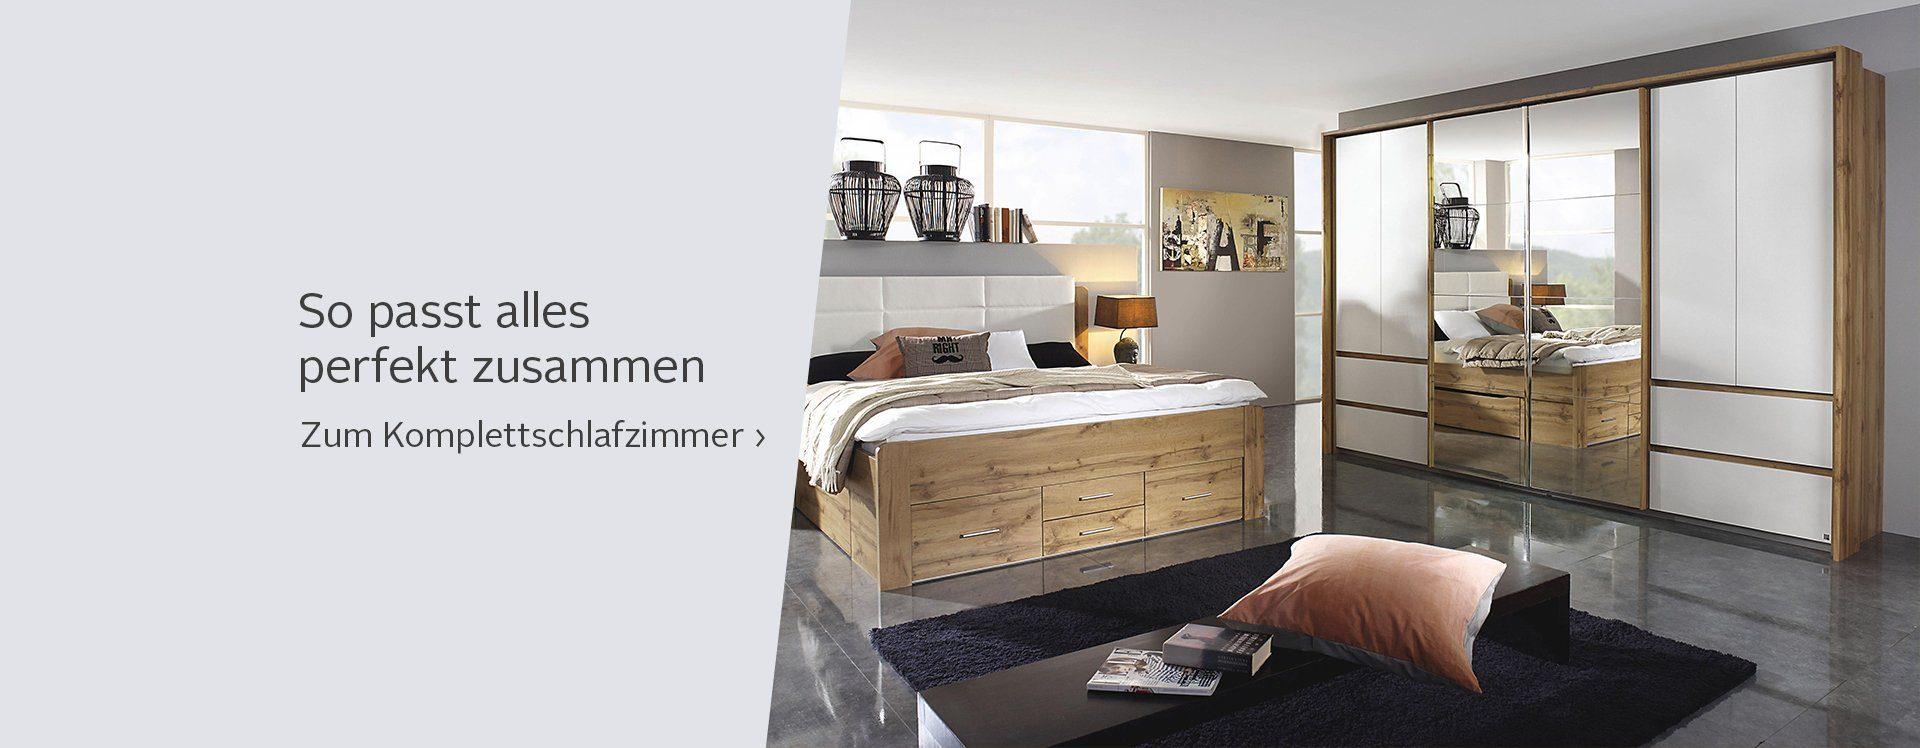 Schlafzimmermbel kaufen  Schlafzimmer einrichten  OTTO